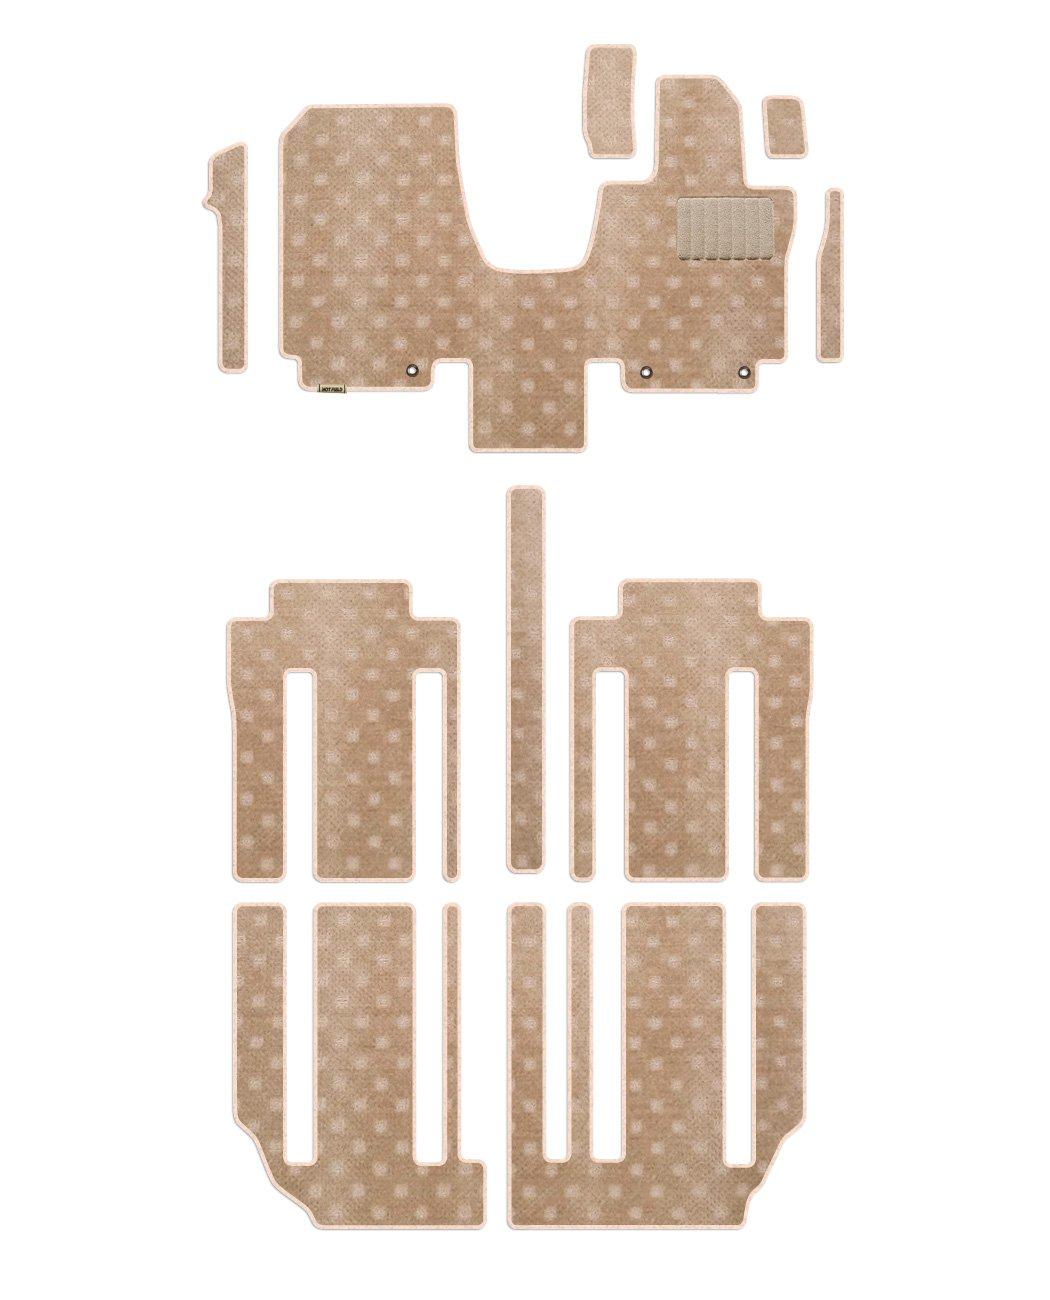 Hotfield 日産 セレナ C27系 (ガソリン車) フロアマット STDベージュ 【A:フロント一体:パーツ分割/超ロングスライド仕様】 B01LGJZ38W 【A:フロント一体:パーツ分割 / 超ロングスライド仕様】 STDベージュ STDベージュ 【A:フロント一体:パーツ分割 / 超ロングスライド仕様】